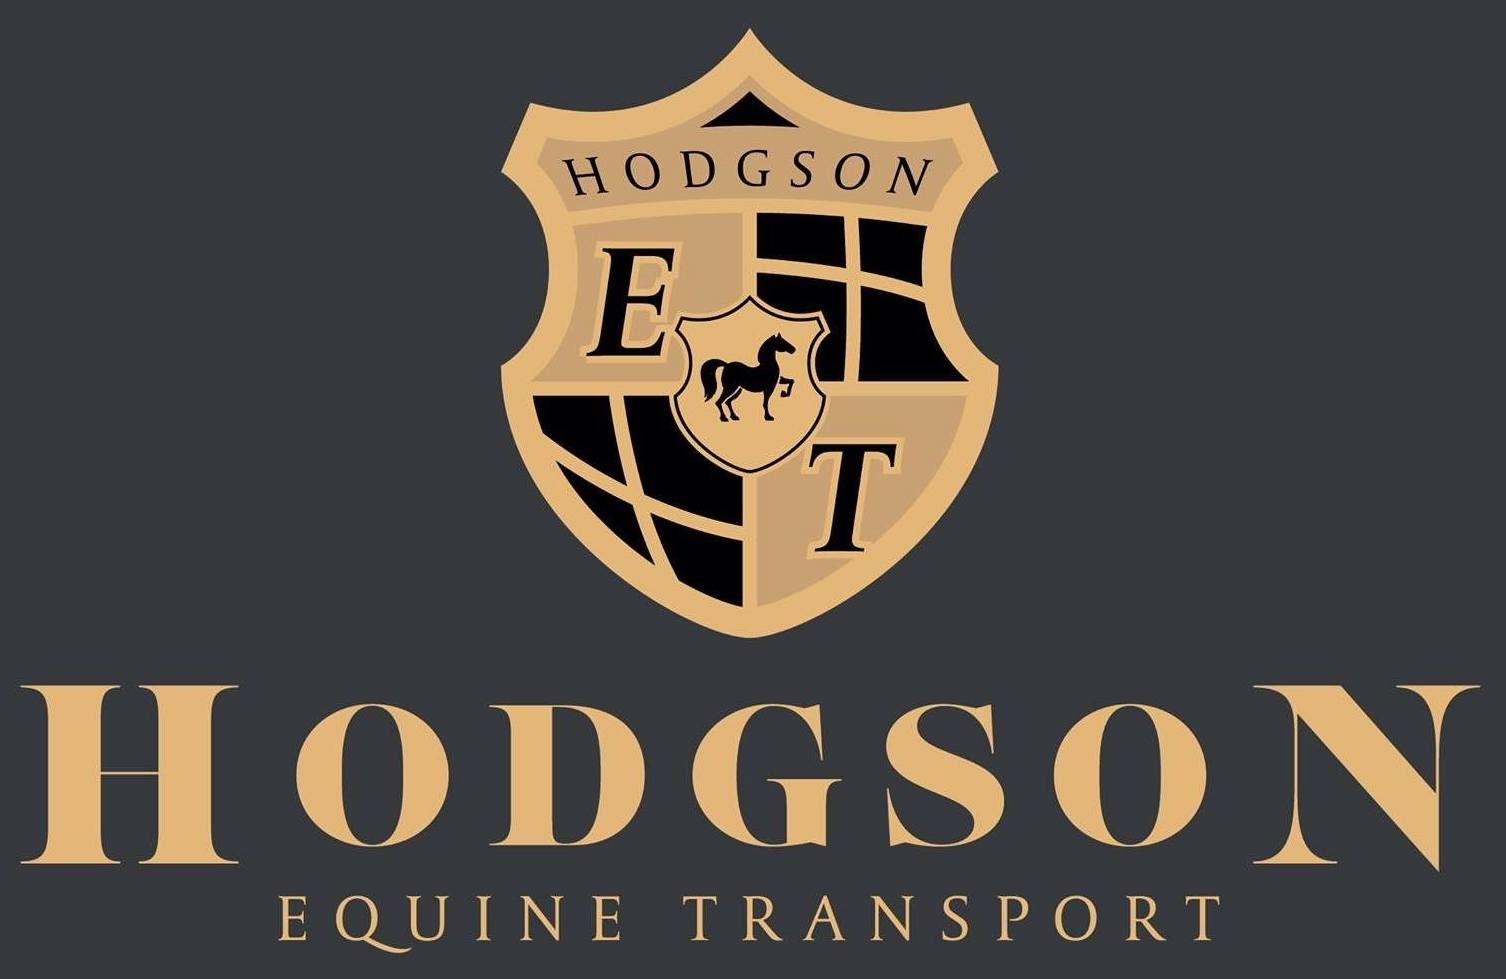 Hodgson Equine Transport